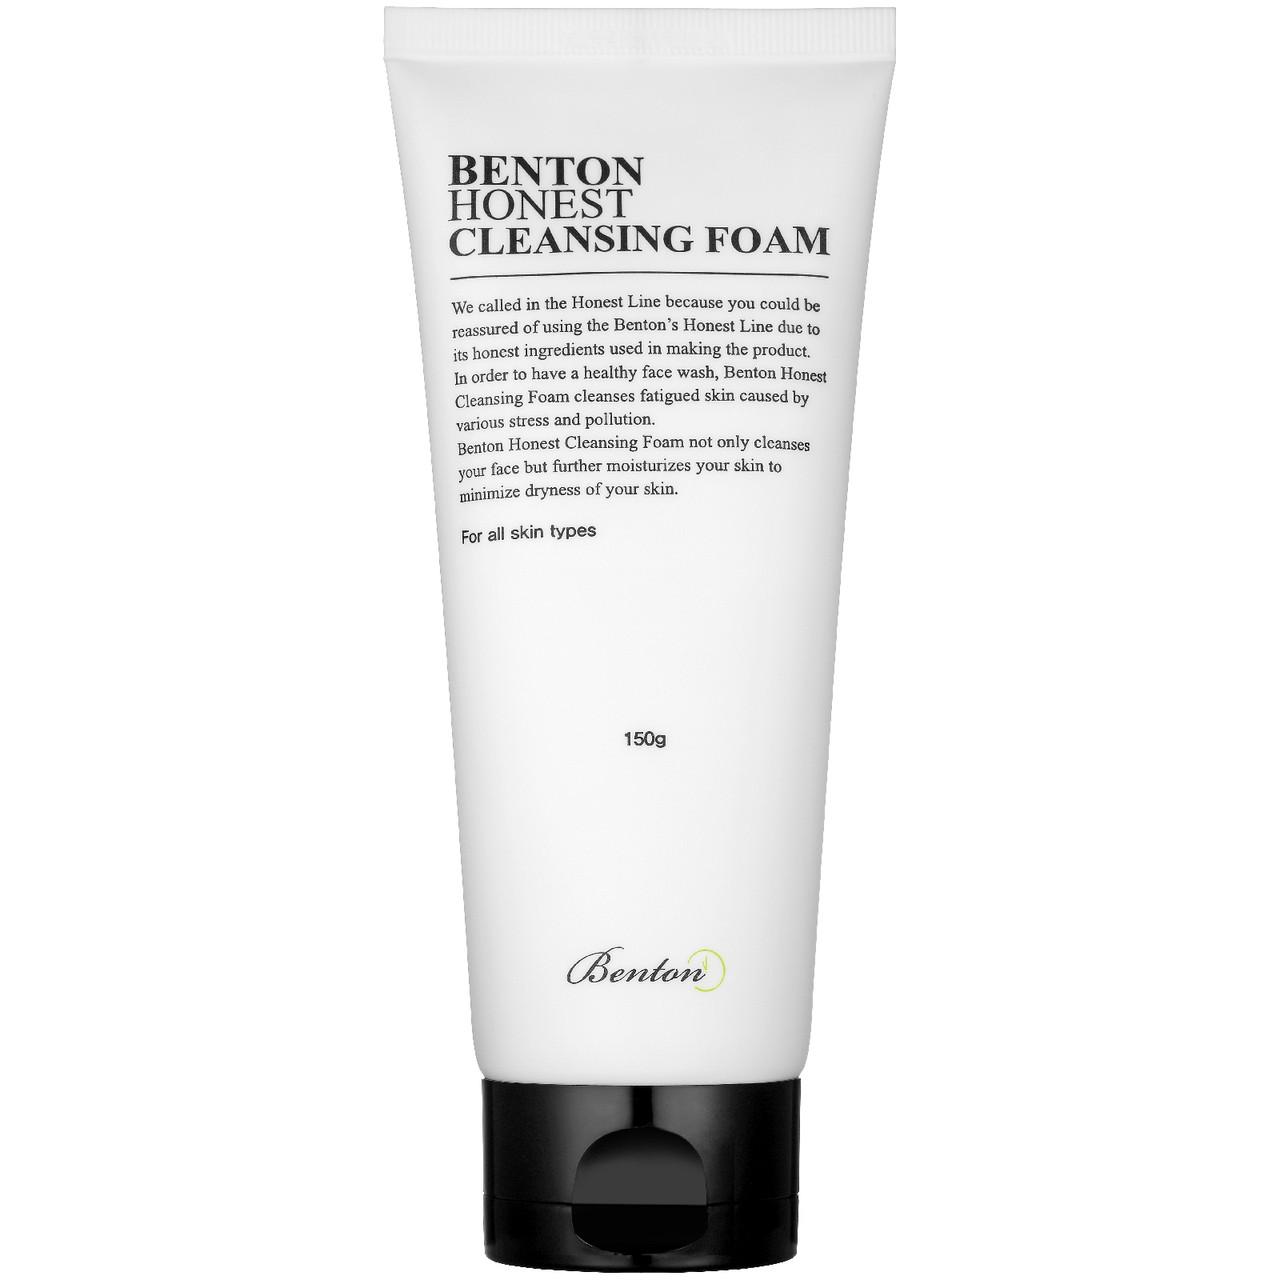 Очищуюча пінка для умивання Benton Honest Cleansing Foam